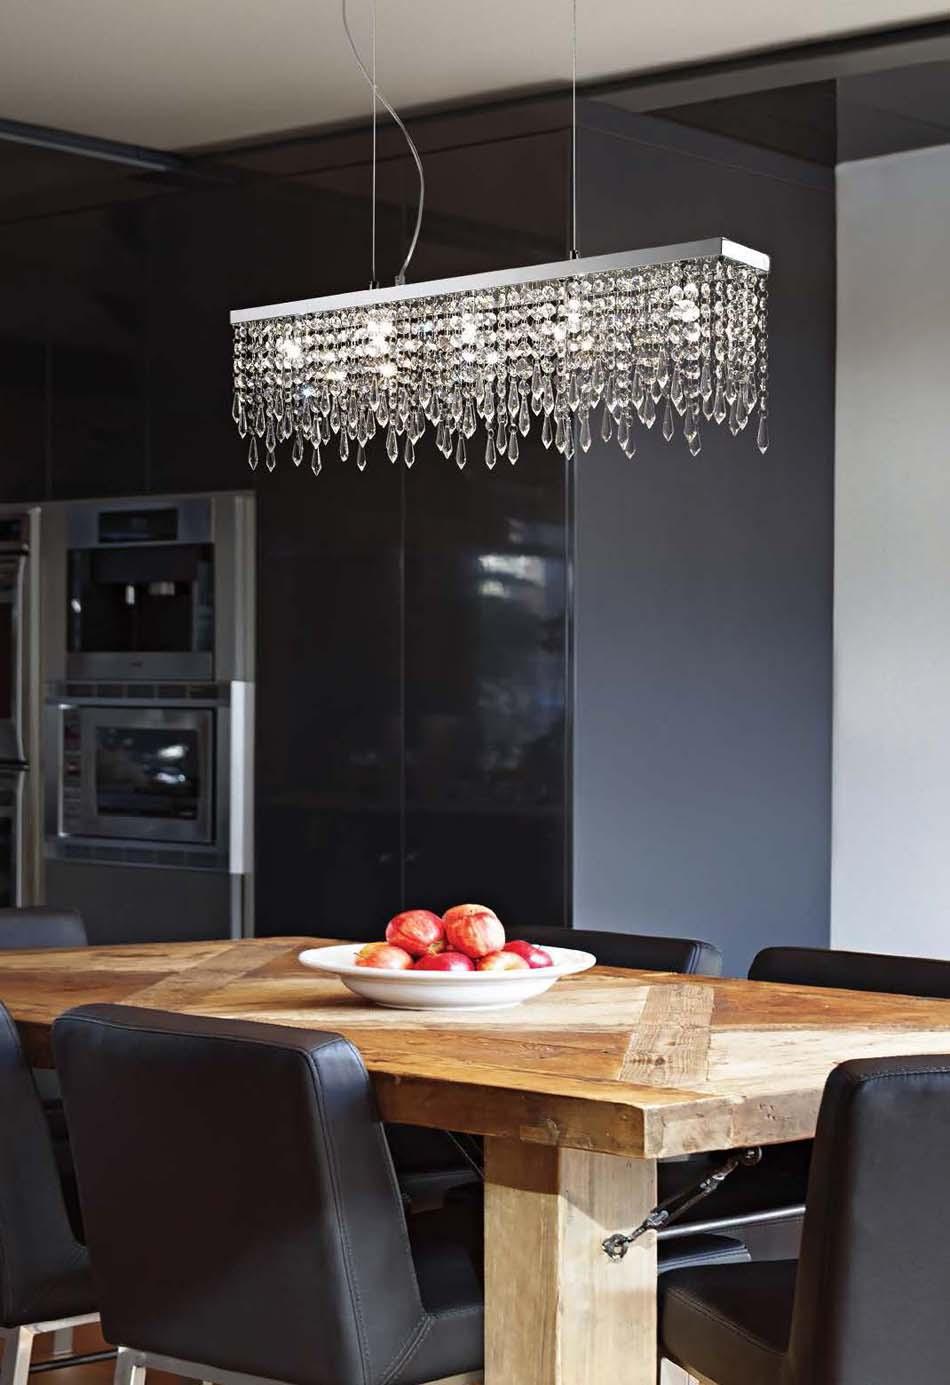 Lampade 21 sospese Ideal Lux Giada Clear – Toscana Arredamenti